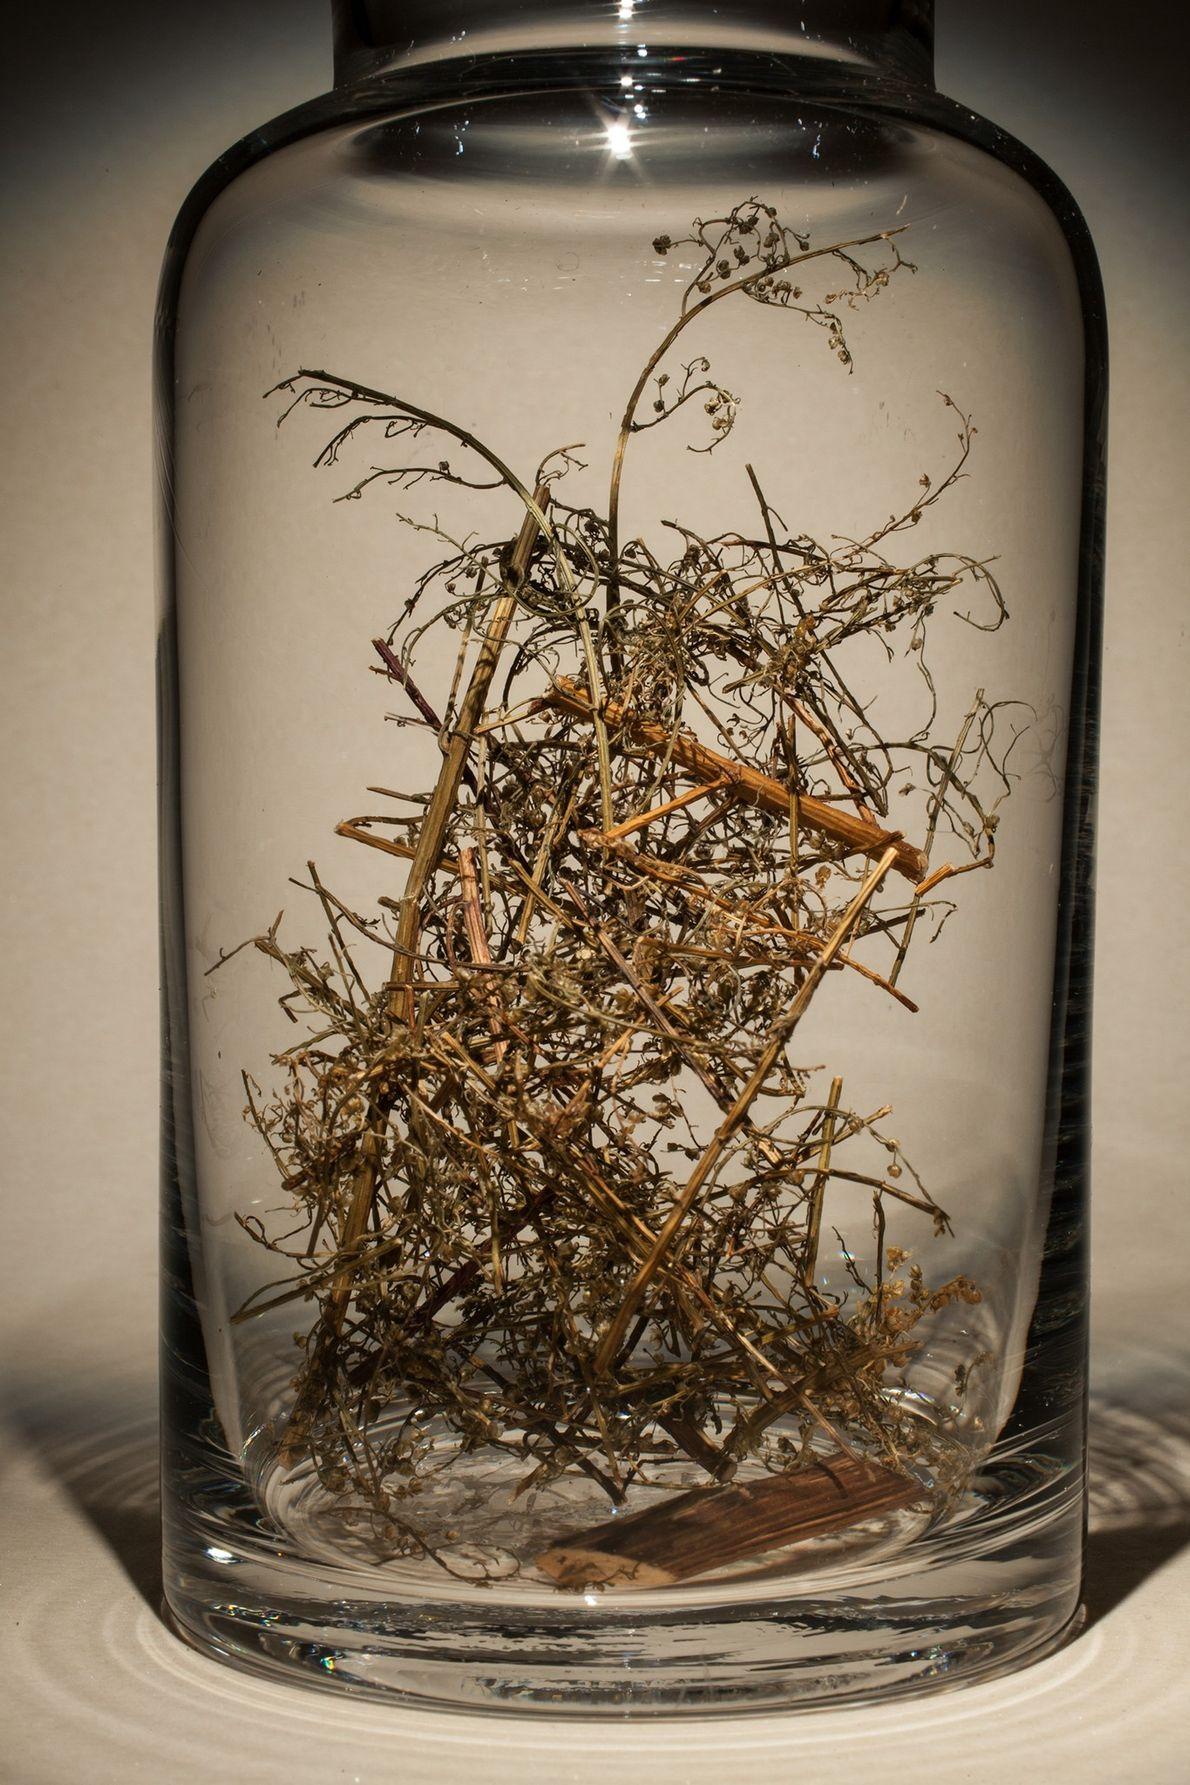 Nombre común: Ajenjo dulce o ajenjo chino Latín: Artemisia annua Chino: Qing hao Usos: Tratamiento contra la malaria